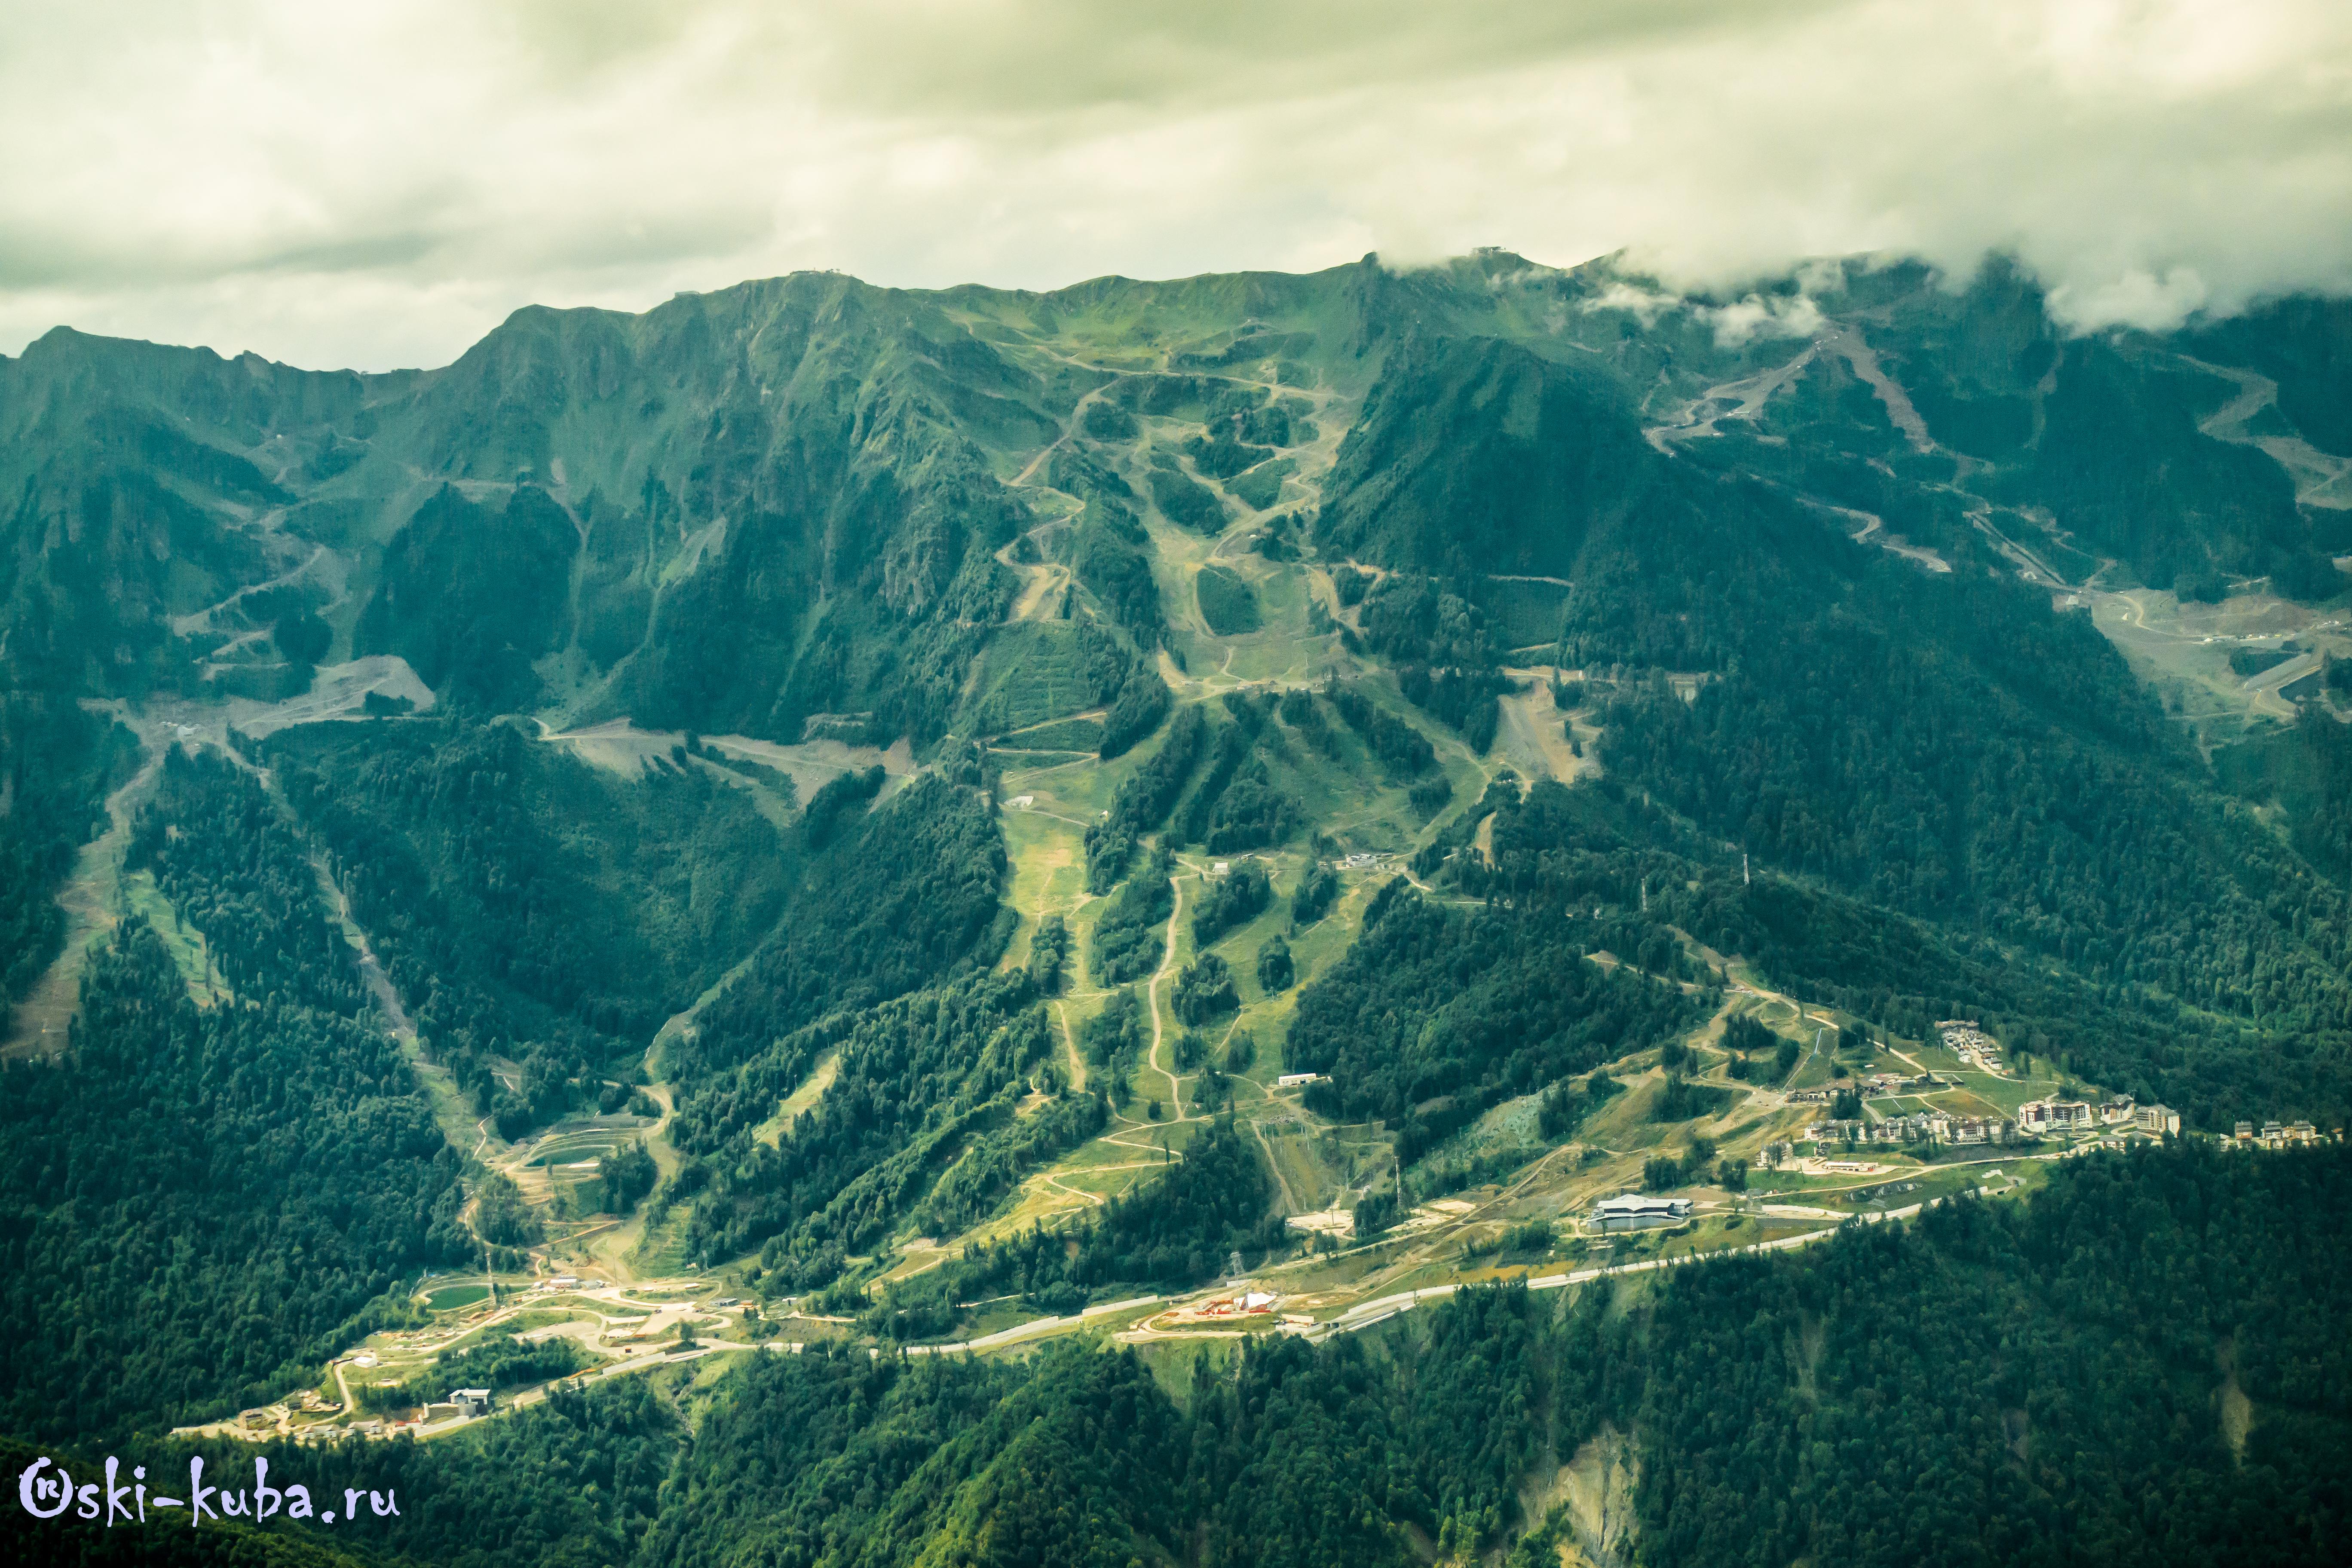 Вид на хребет Аибга и курорты Роза Хутор, Альпика, Красная Поляна (бывший Горки Город)